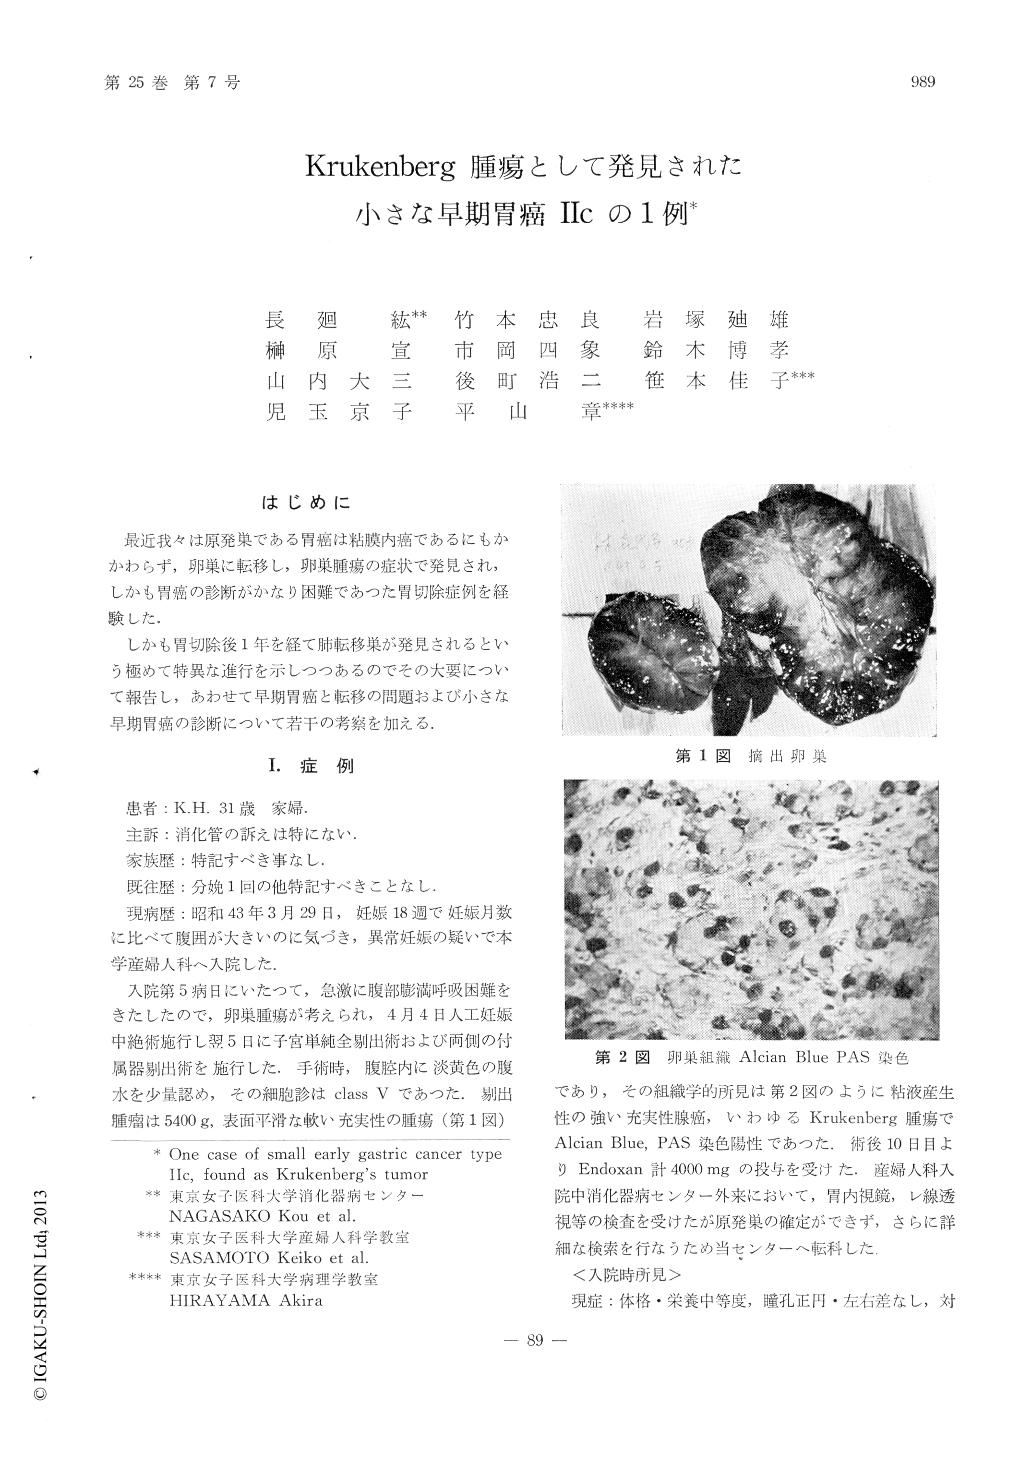 ケン 腫瘍 クルー ベルグ